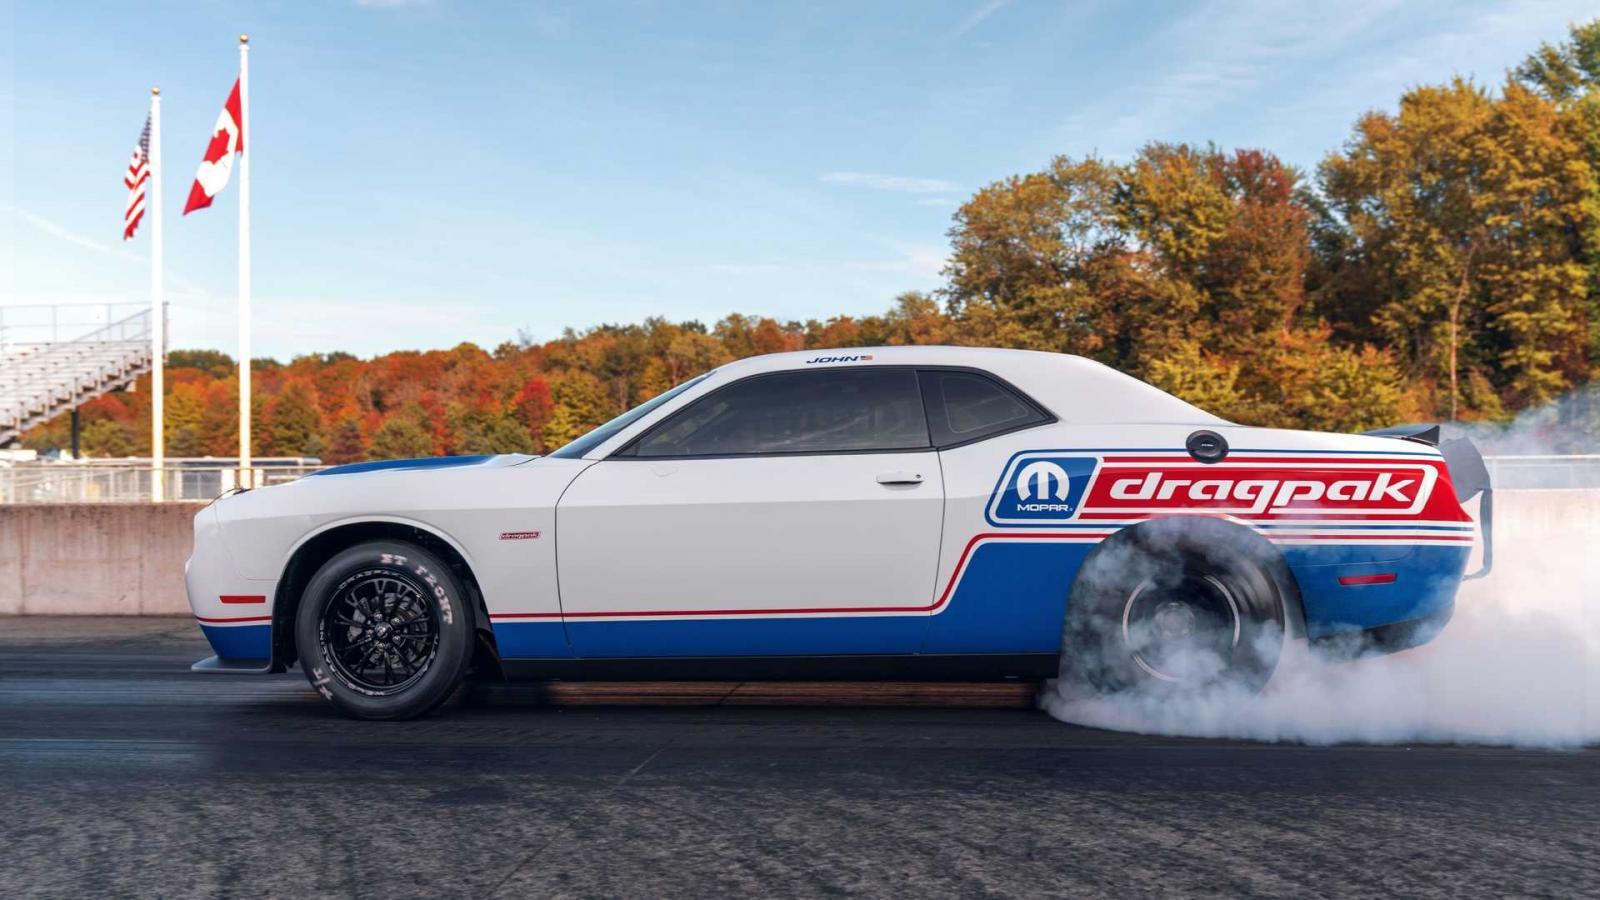 El Dodge Challenger Drag Pak 2020 podría ofrecer un mejor desempeño que el SRT Demon